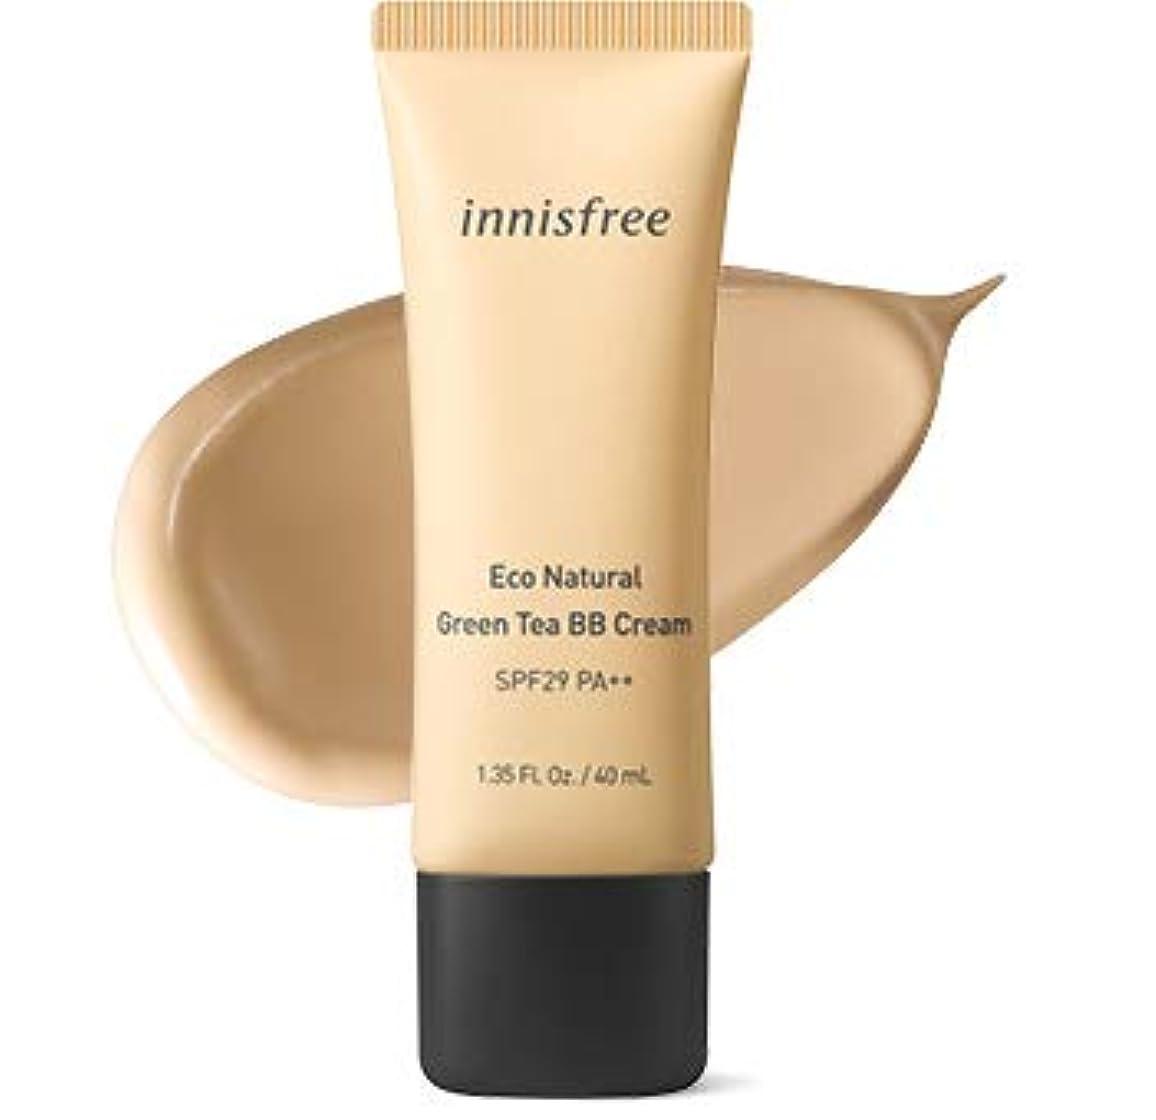 条約剛性事務所[イニスフリー.INNISFREE](公式)エコナチュラルグリーンティーBBクリームSPF29/ PA++40mL(「2019新製品)/ ECO NATURAL GREEN TEA BB CREAM (#2 ナチュラルしっとり肌/Natural moist skin)